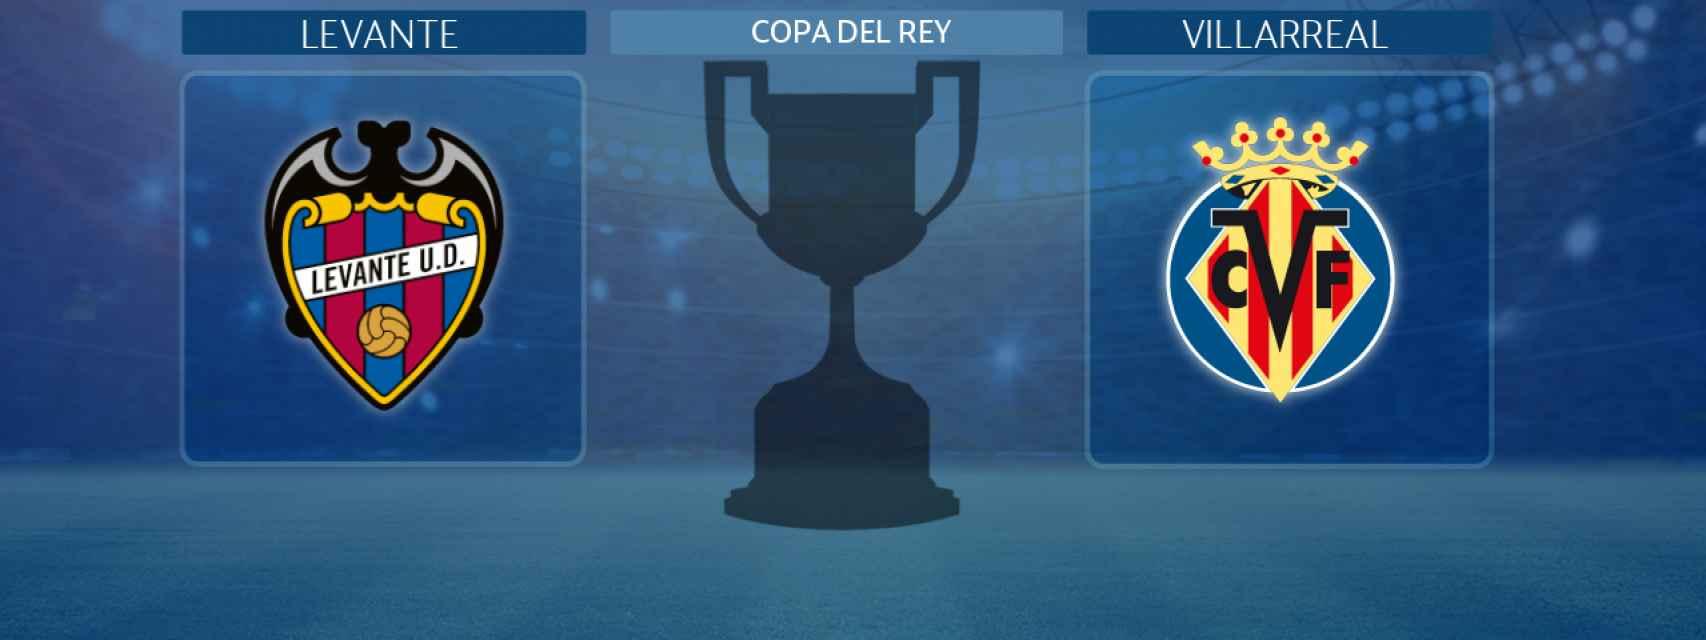 Levante - Villarreal, partido de la Copa del Rey